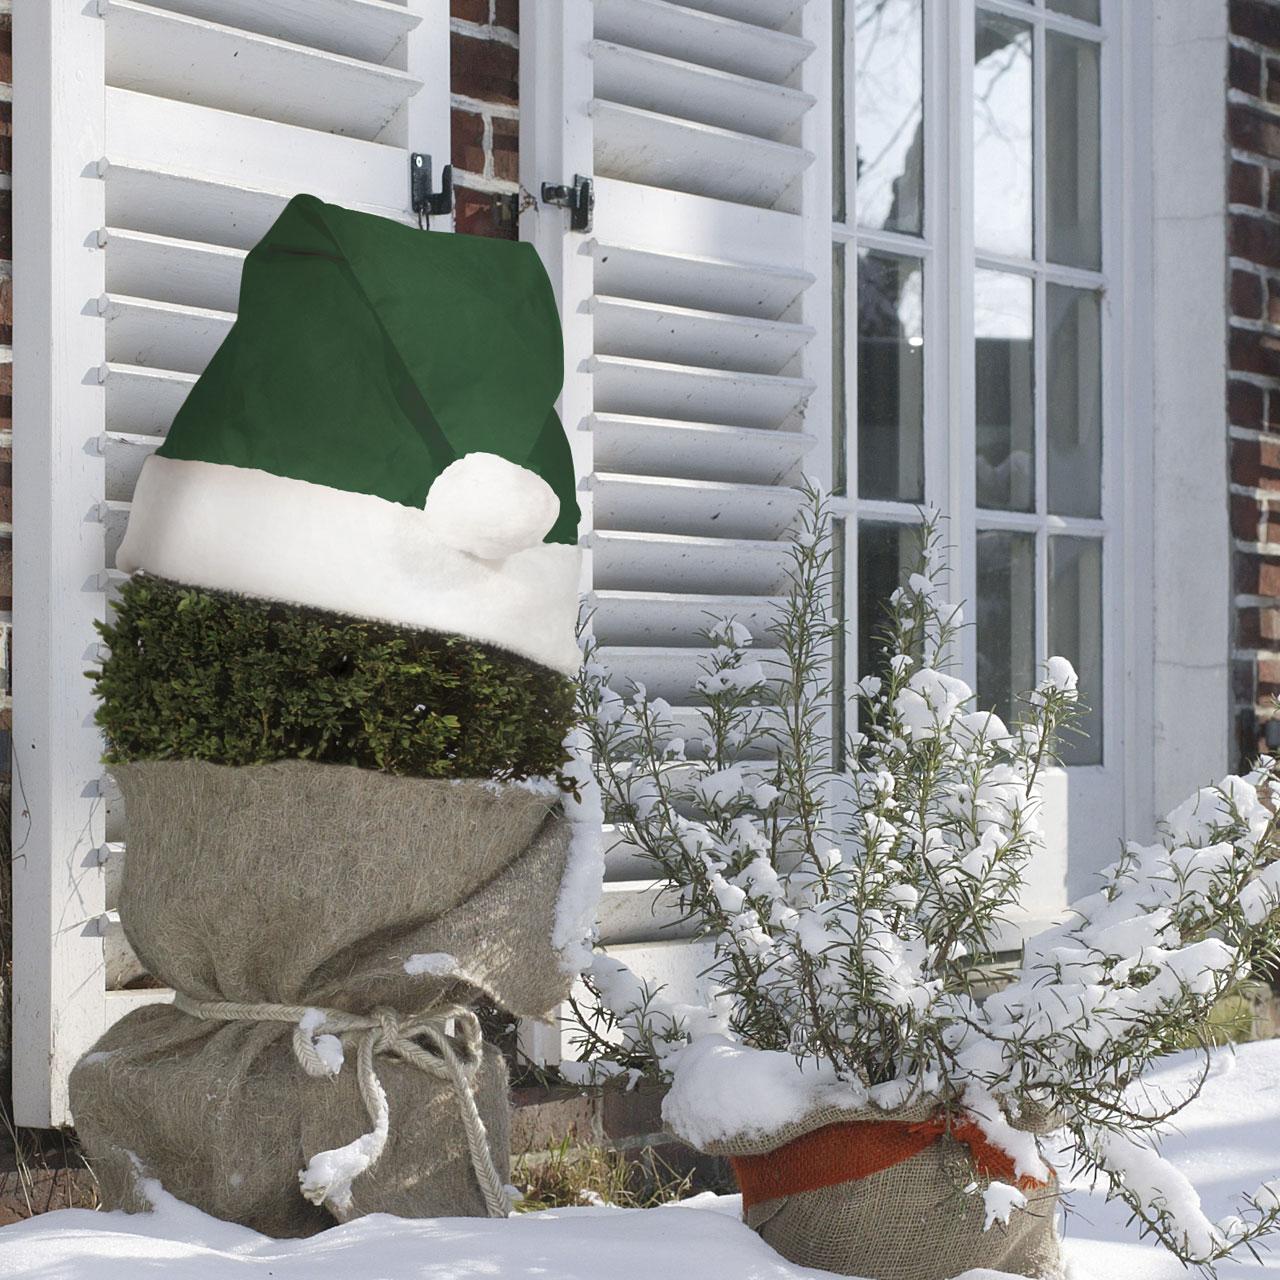 Pflanzen weihnachtsm tze gr n - Hohe wand dekorieren ...